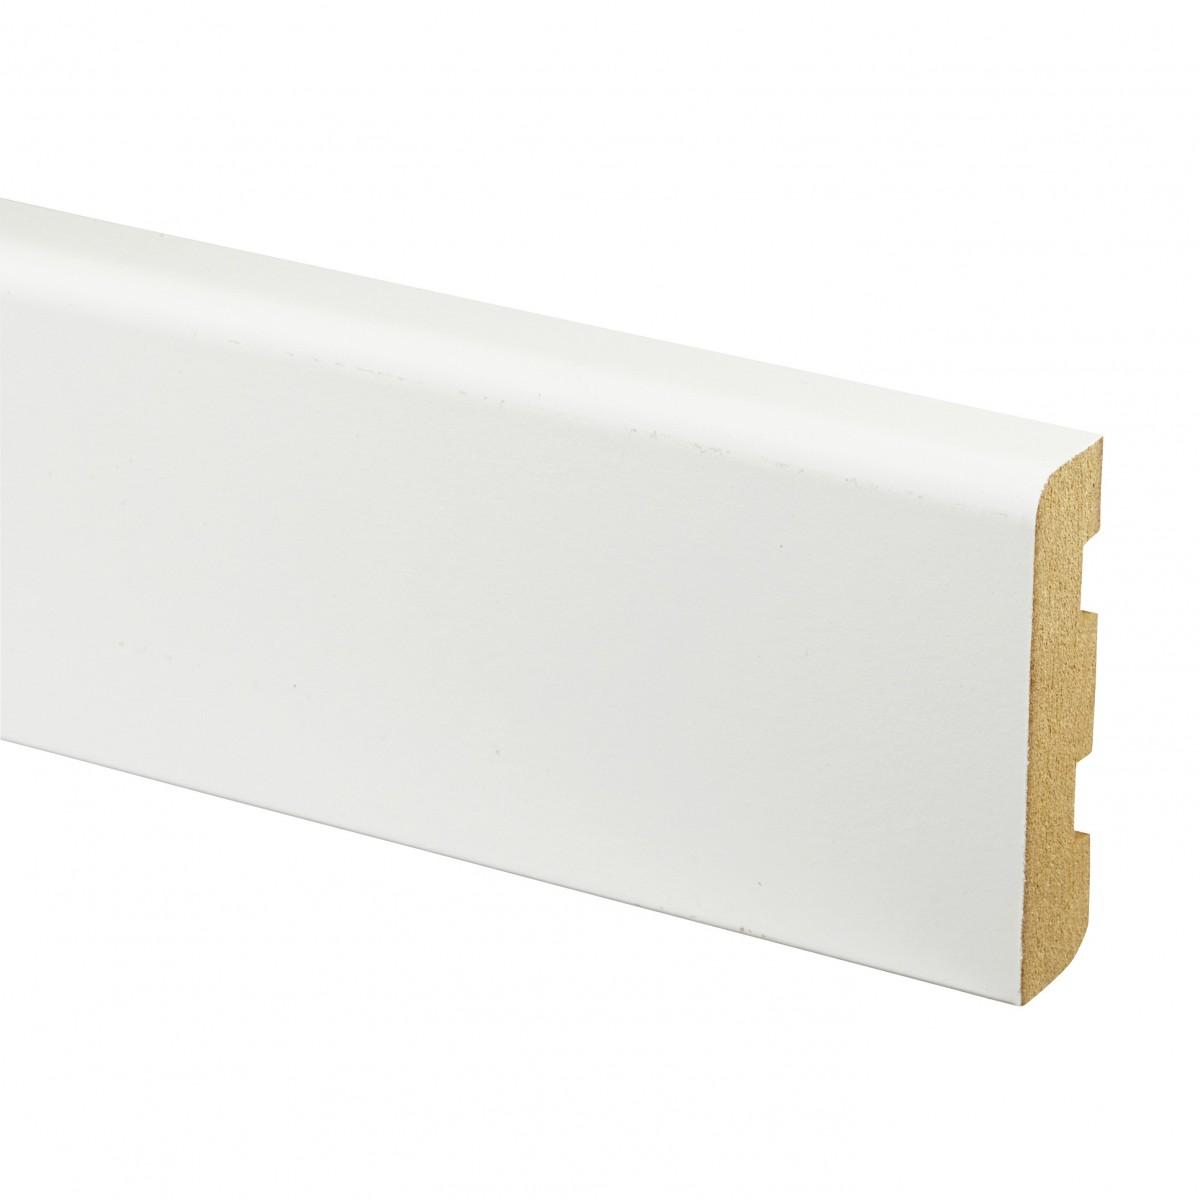 Plinthe MDF Blanche à Peindre 14x80 - Qualité Premium